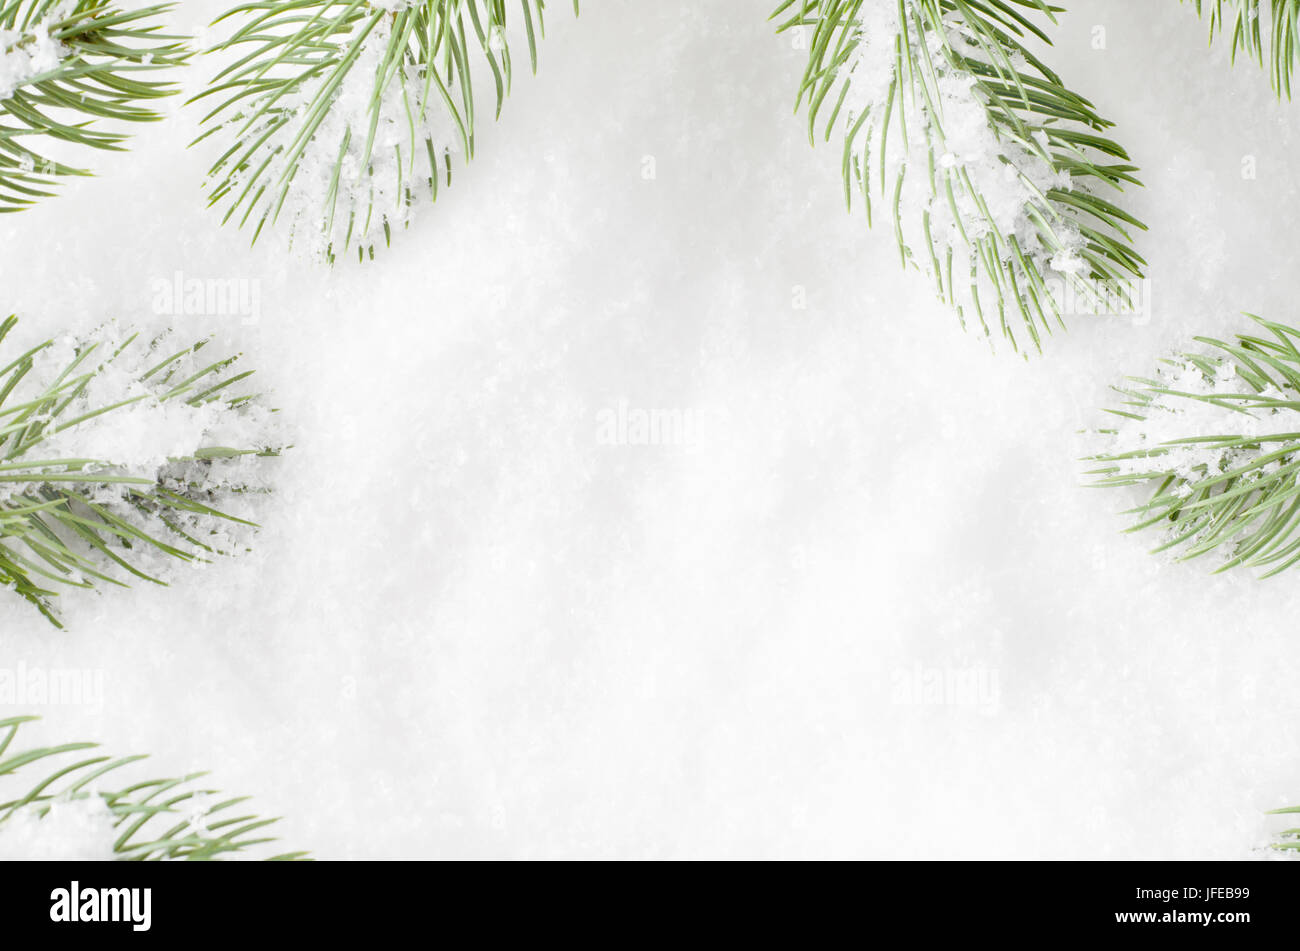 Künstliche Weihnachten Tanne Baum Wedel einen Rahmen um weiße ...